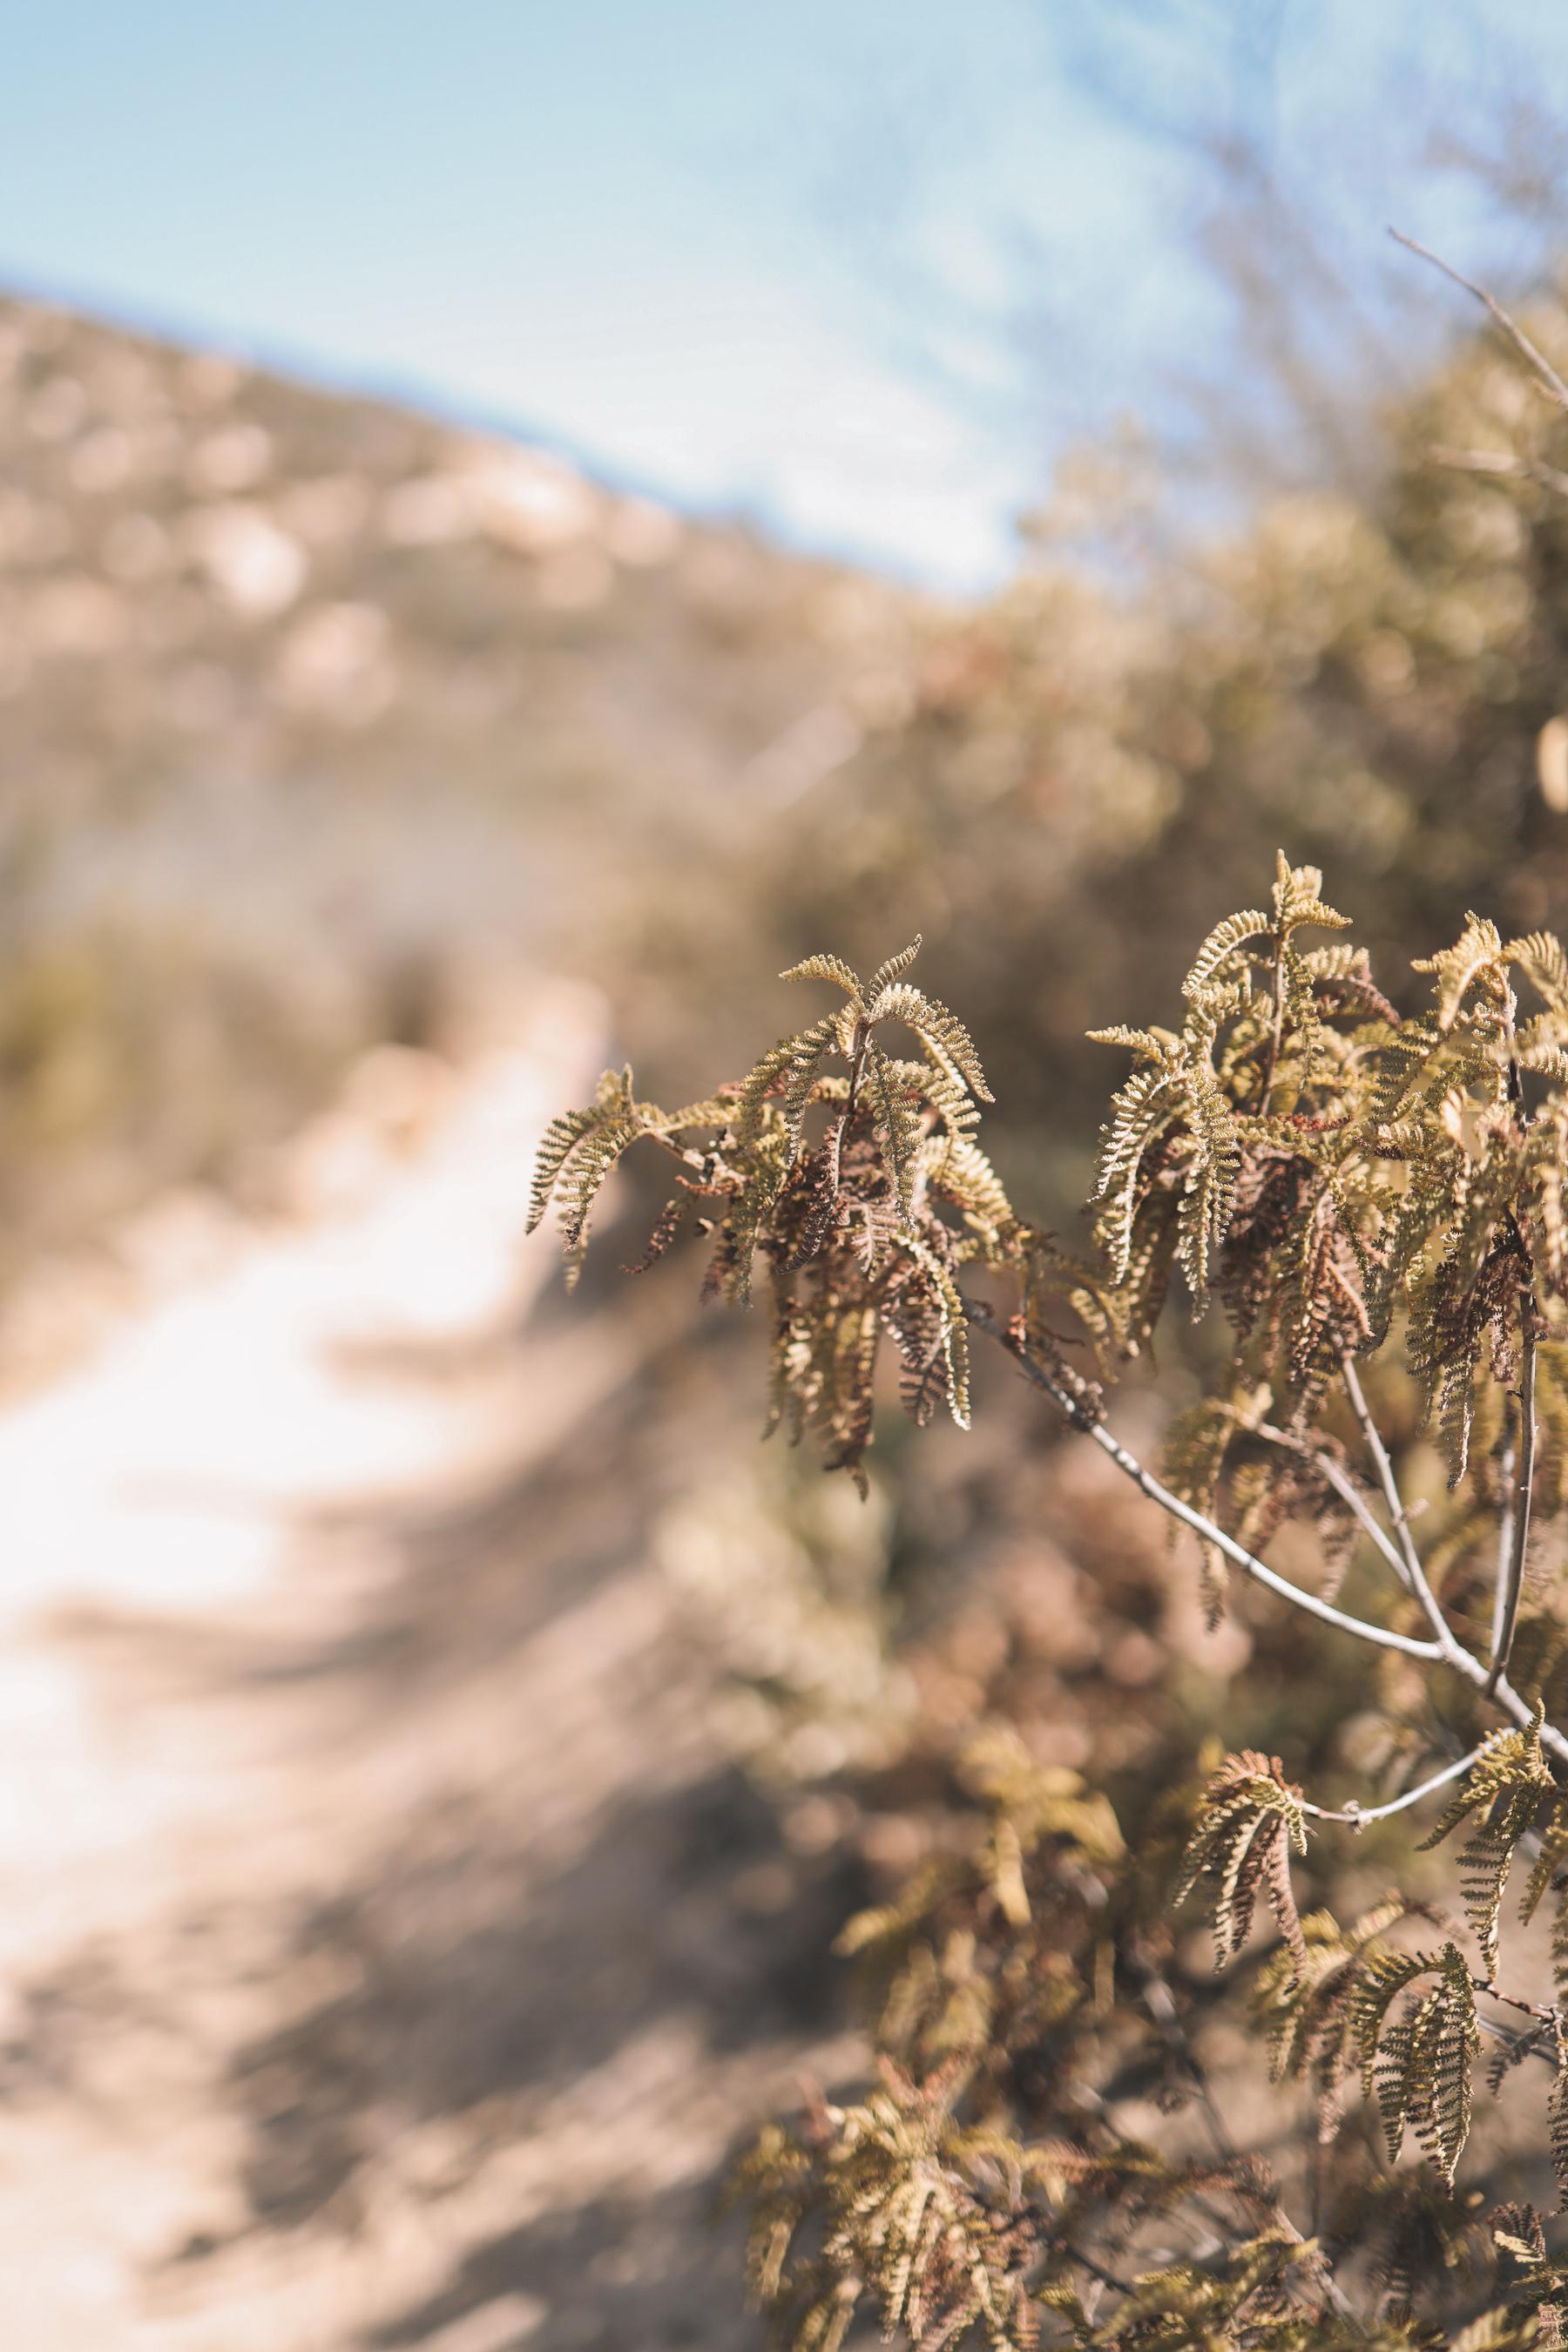 San Diego hiking trails